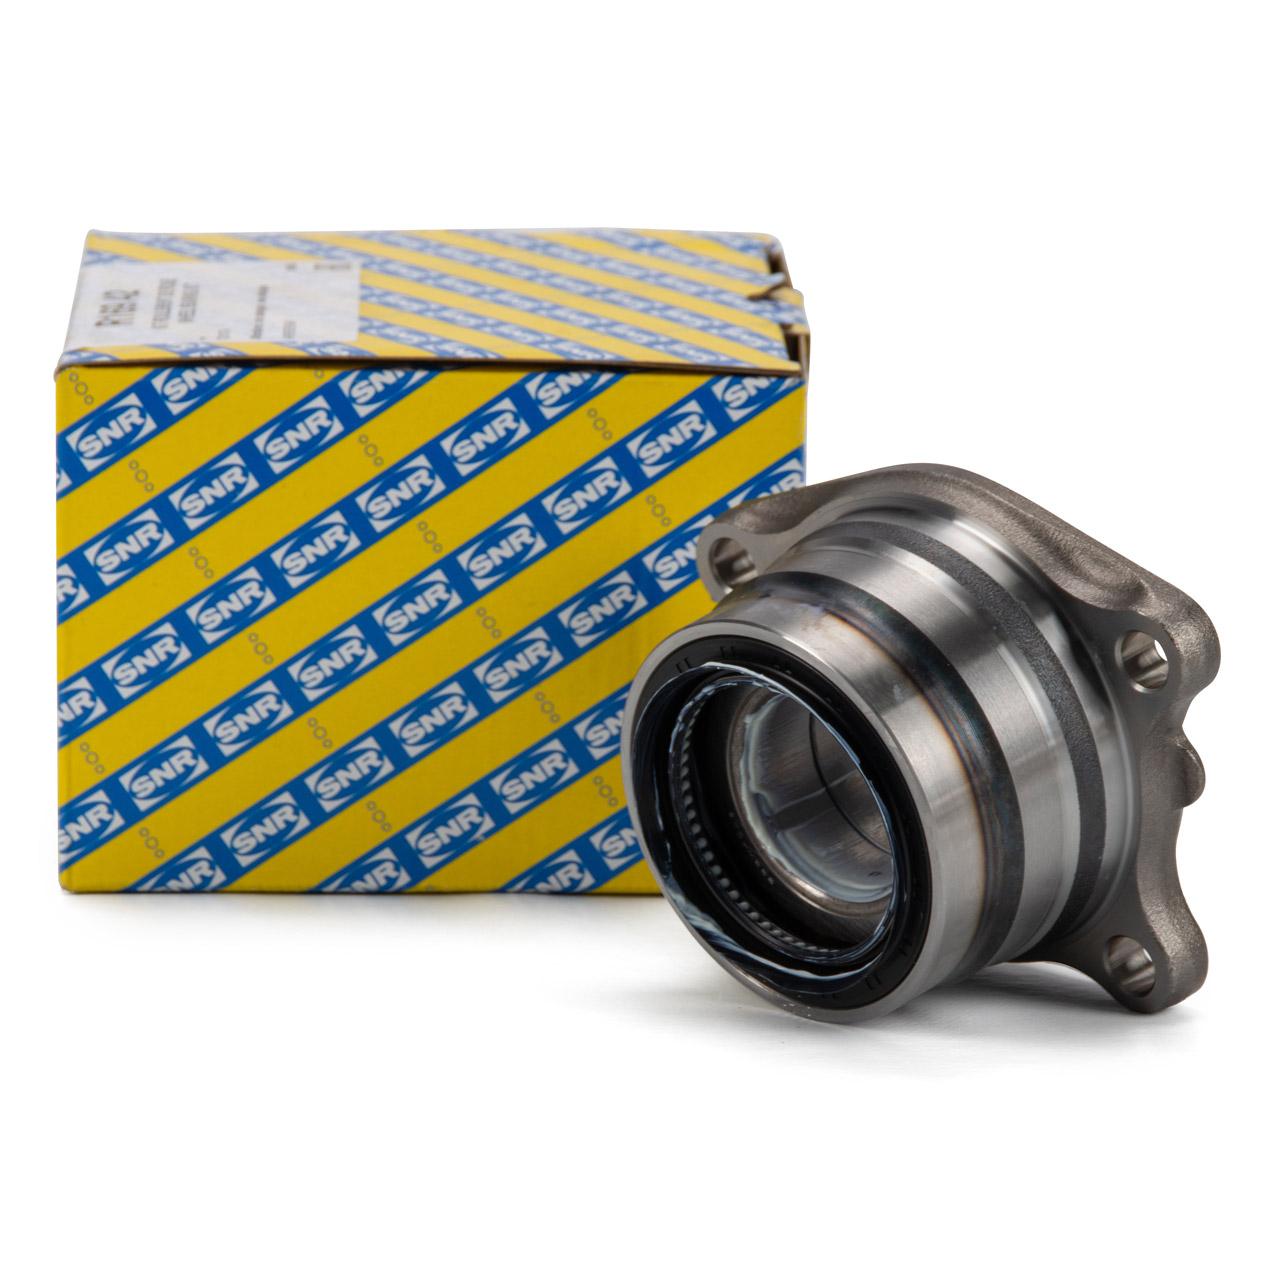 SNR R169.42 Radlagersatz TOYOTA Rav 4 I A1 2.0 4WD hinten 42409-42010